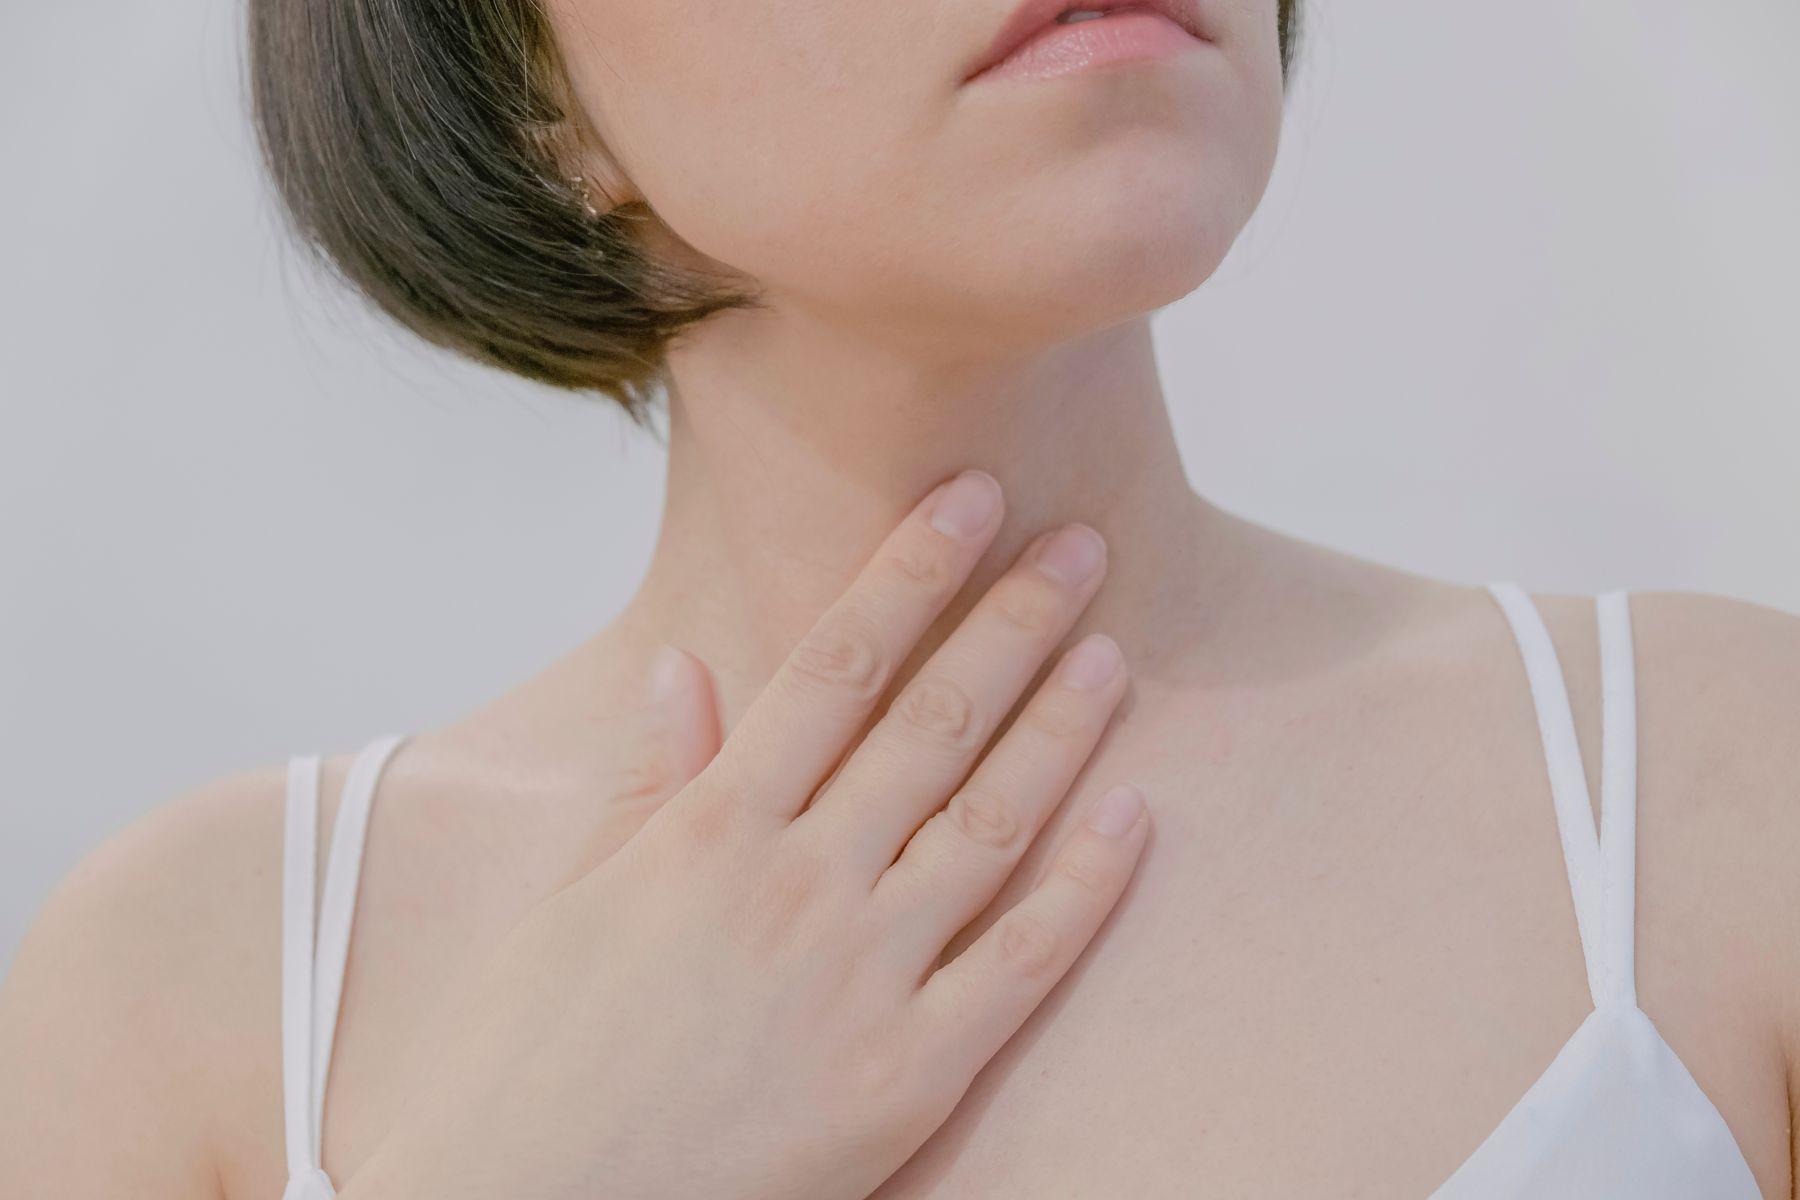 女性中年後易甲狀腺癌!醫師:想跟惡性癌細胞斷捨離...出現這6種不適症狀,速速就醫!